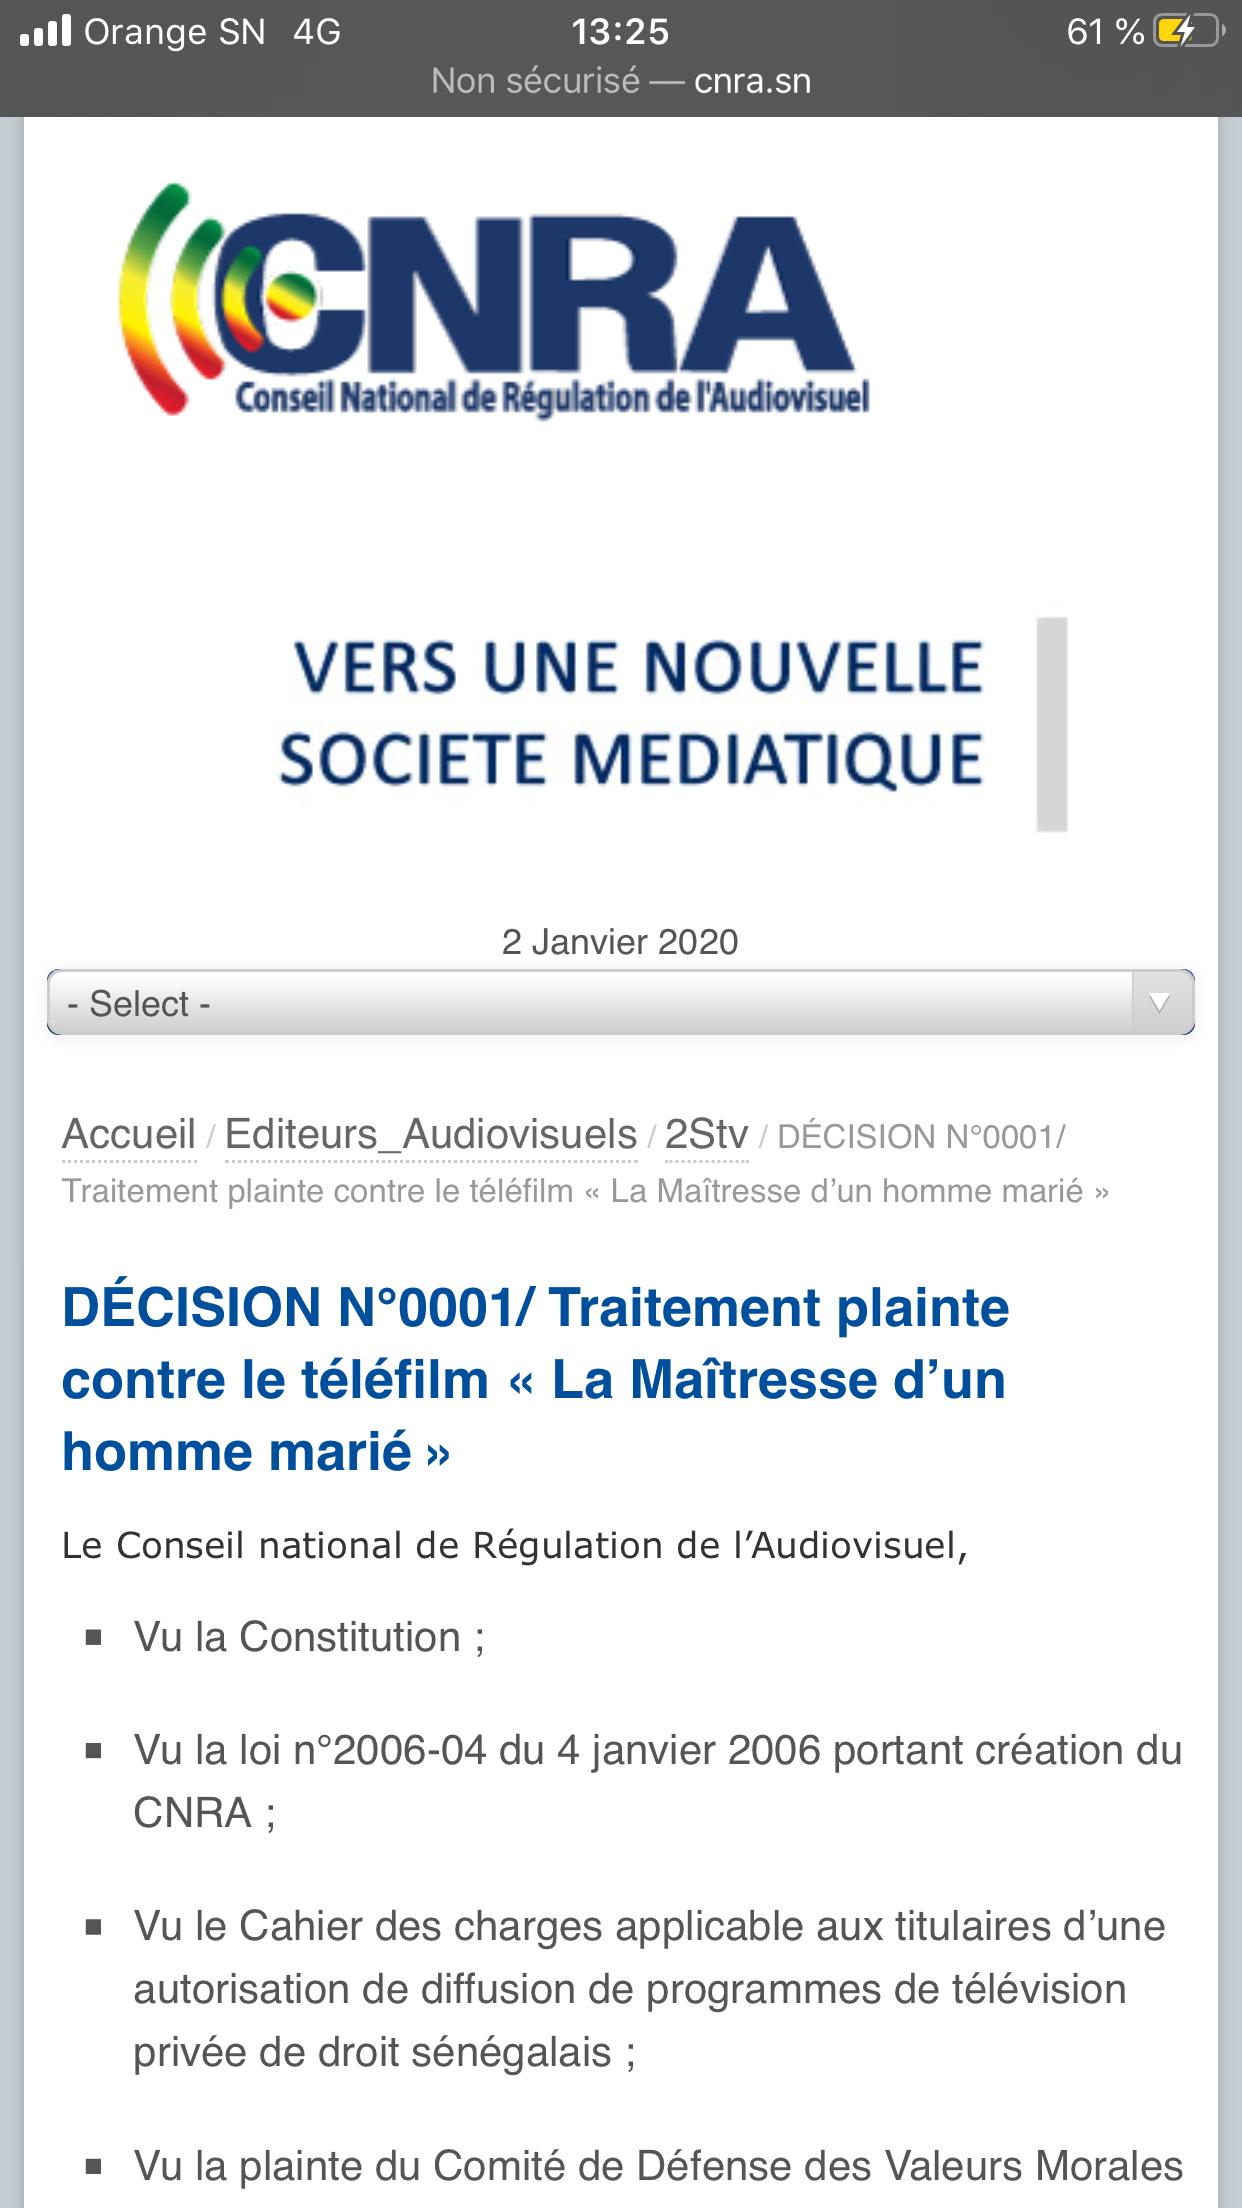 """Numéro de Décision  Traitement plainte """"maîtresse d'un homme marié"""": N°0001 du 29 mars 2019"""